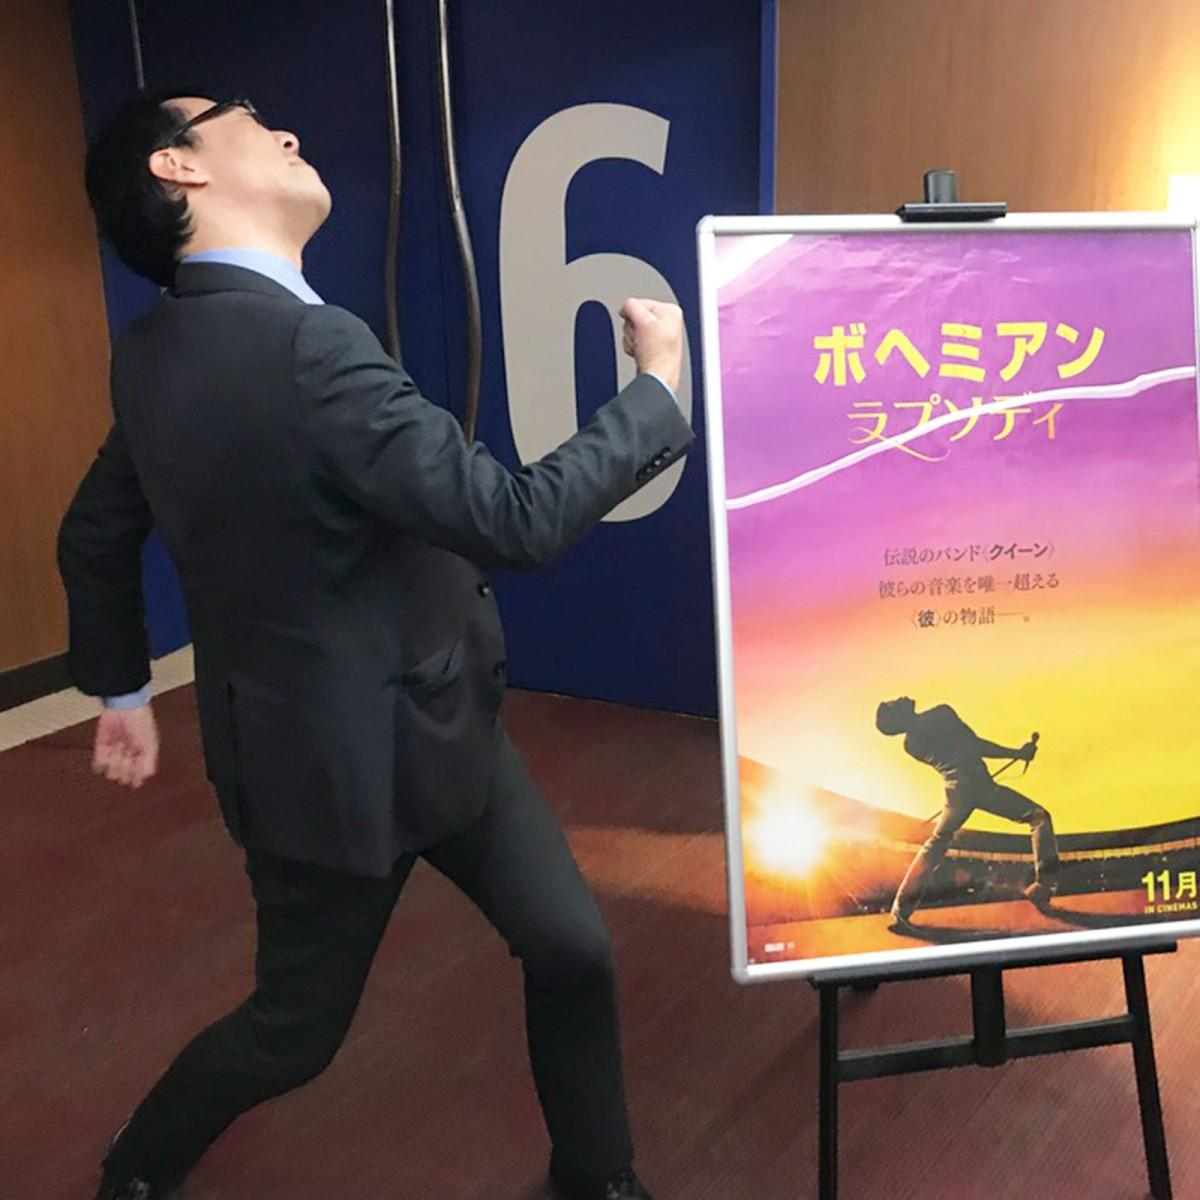 フレディー・マーキュリーになりきって盛り上げる下田昭さん